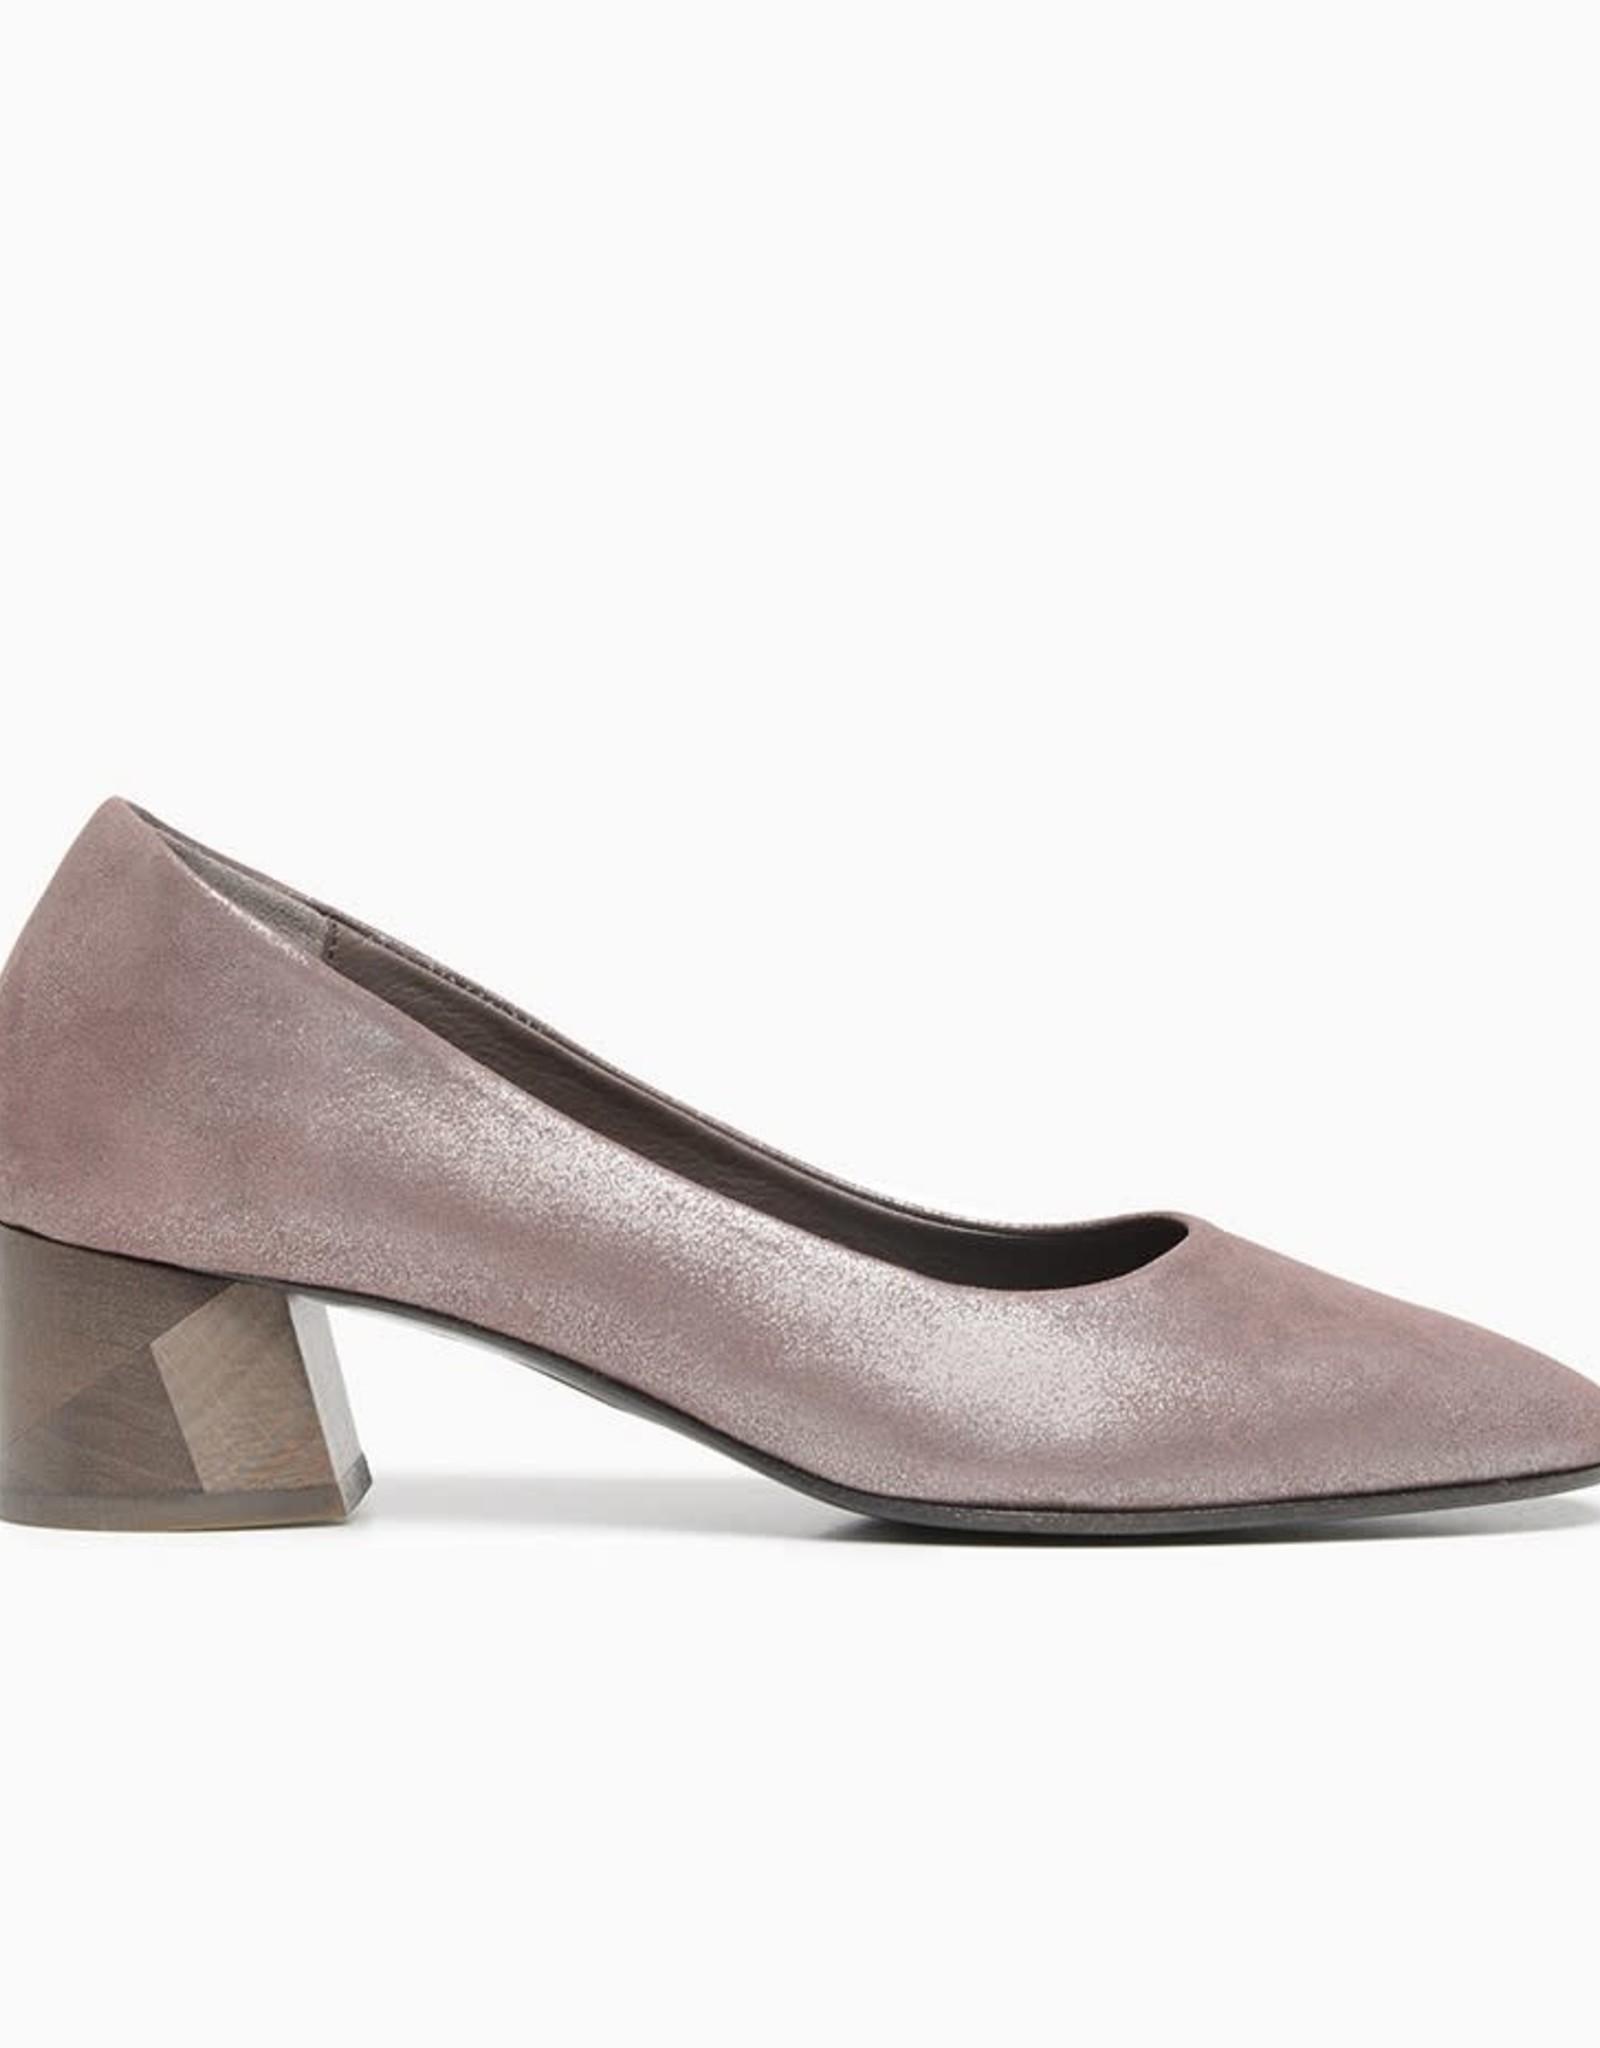 COCLICO - The Emo Heel